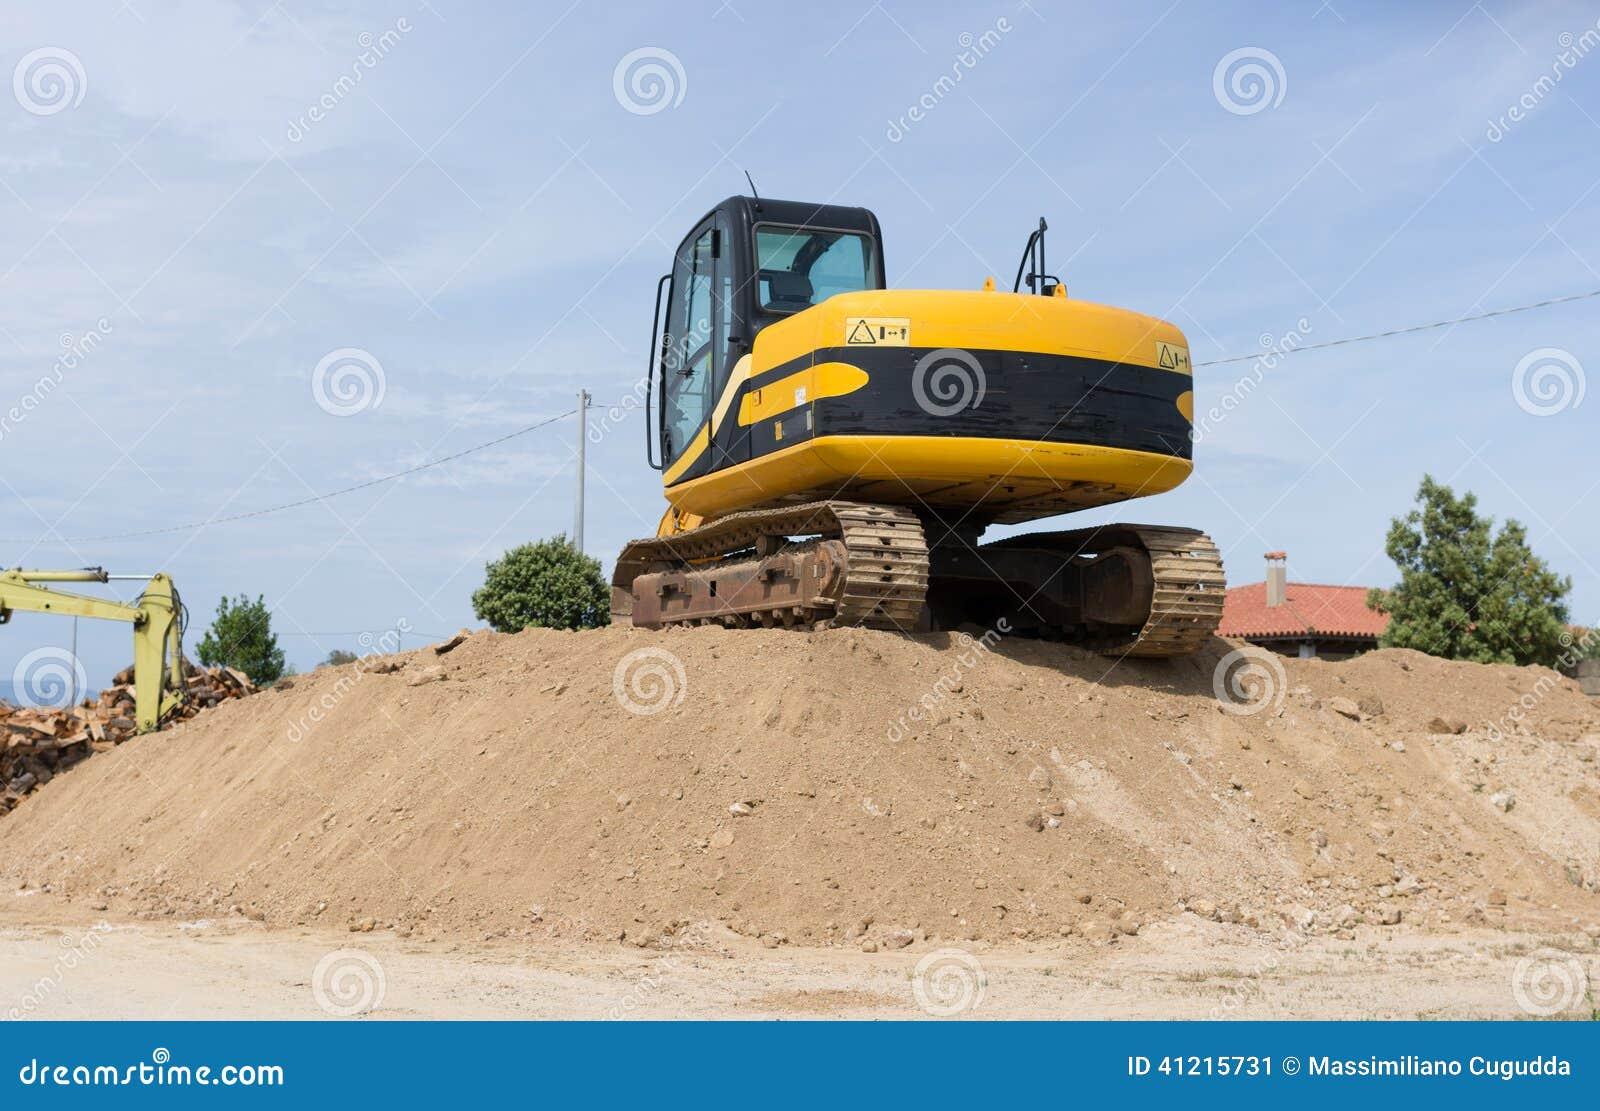 履带牵引装置挖掘机